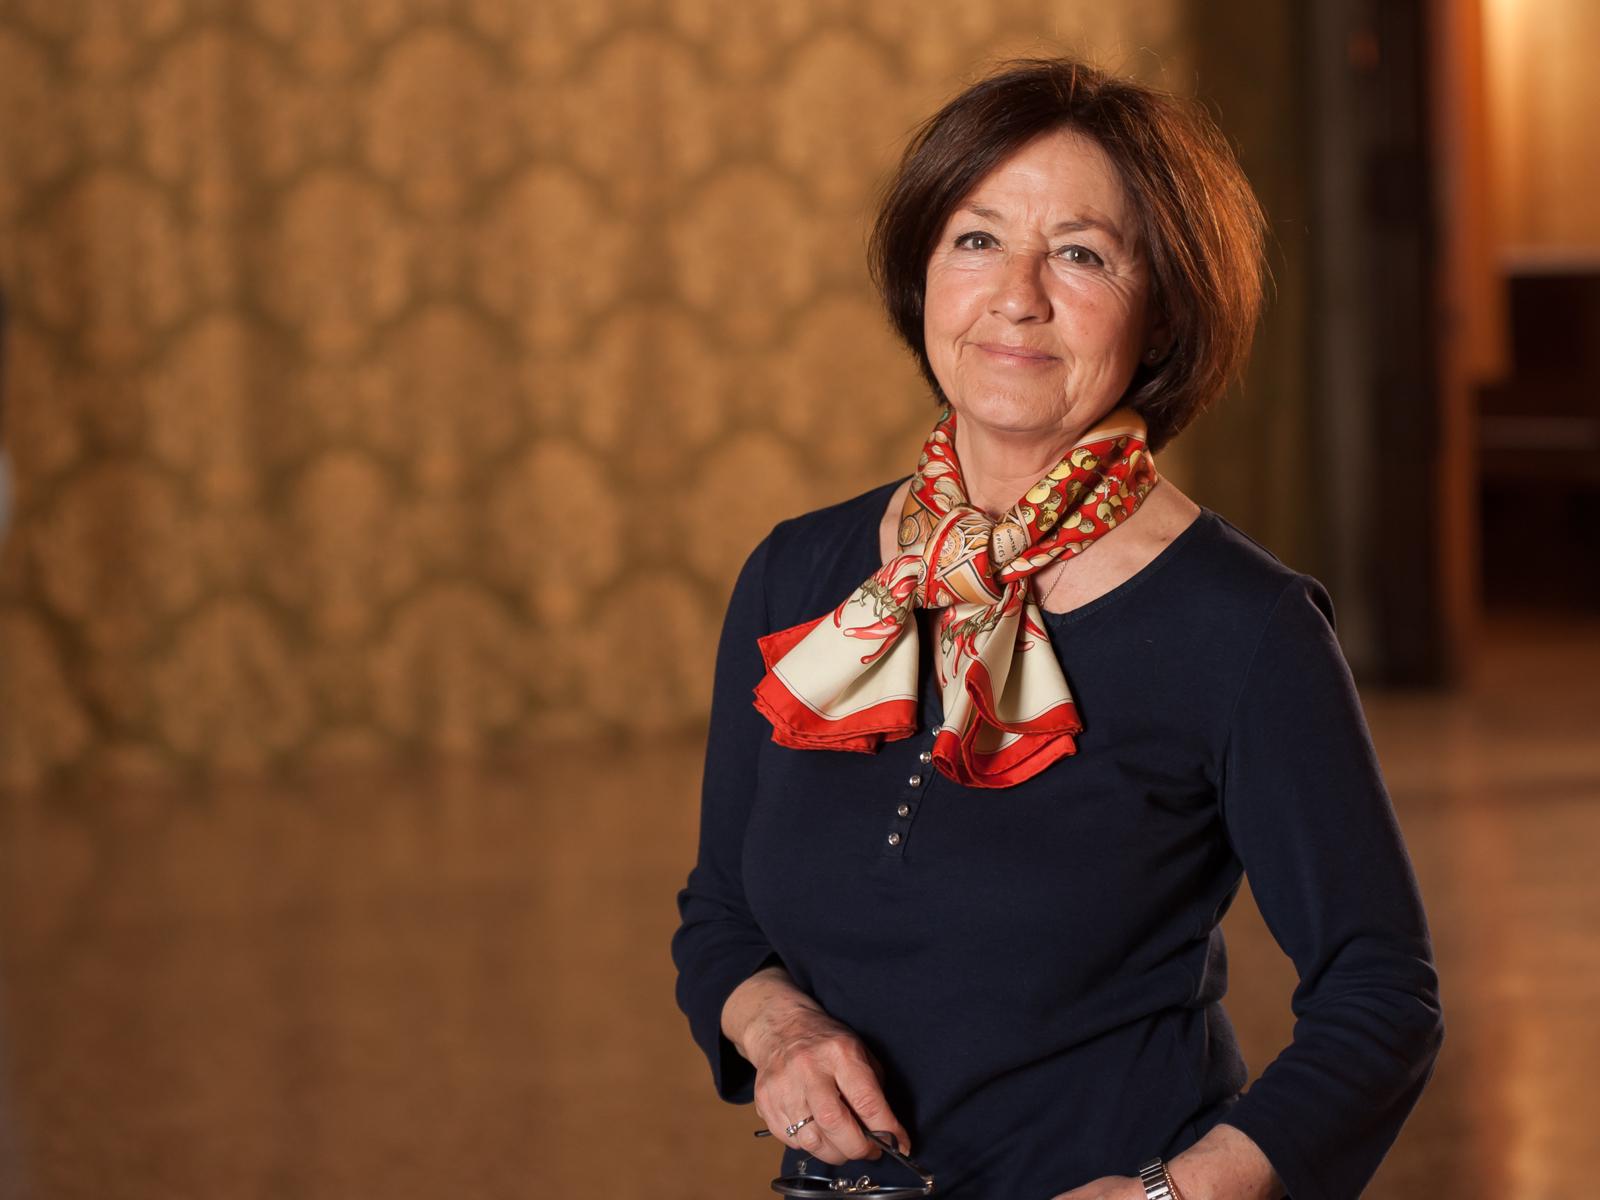 Rosanna Giannotti